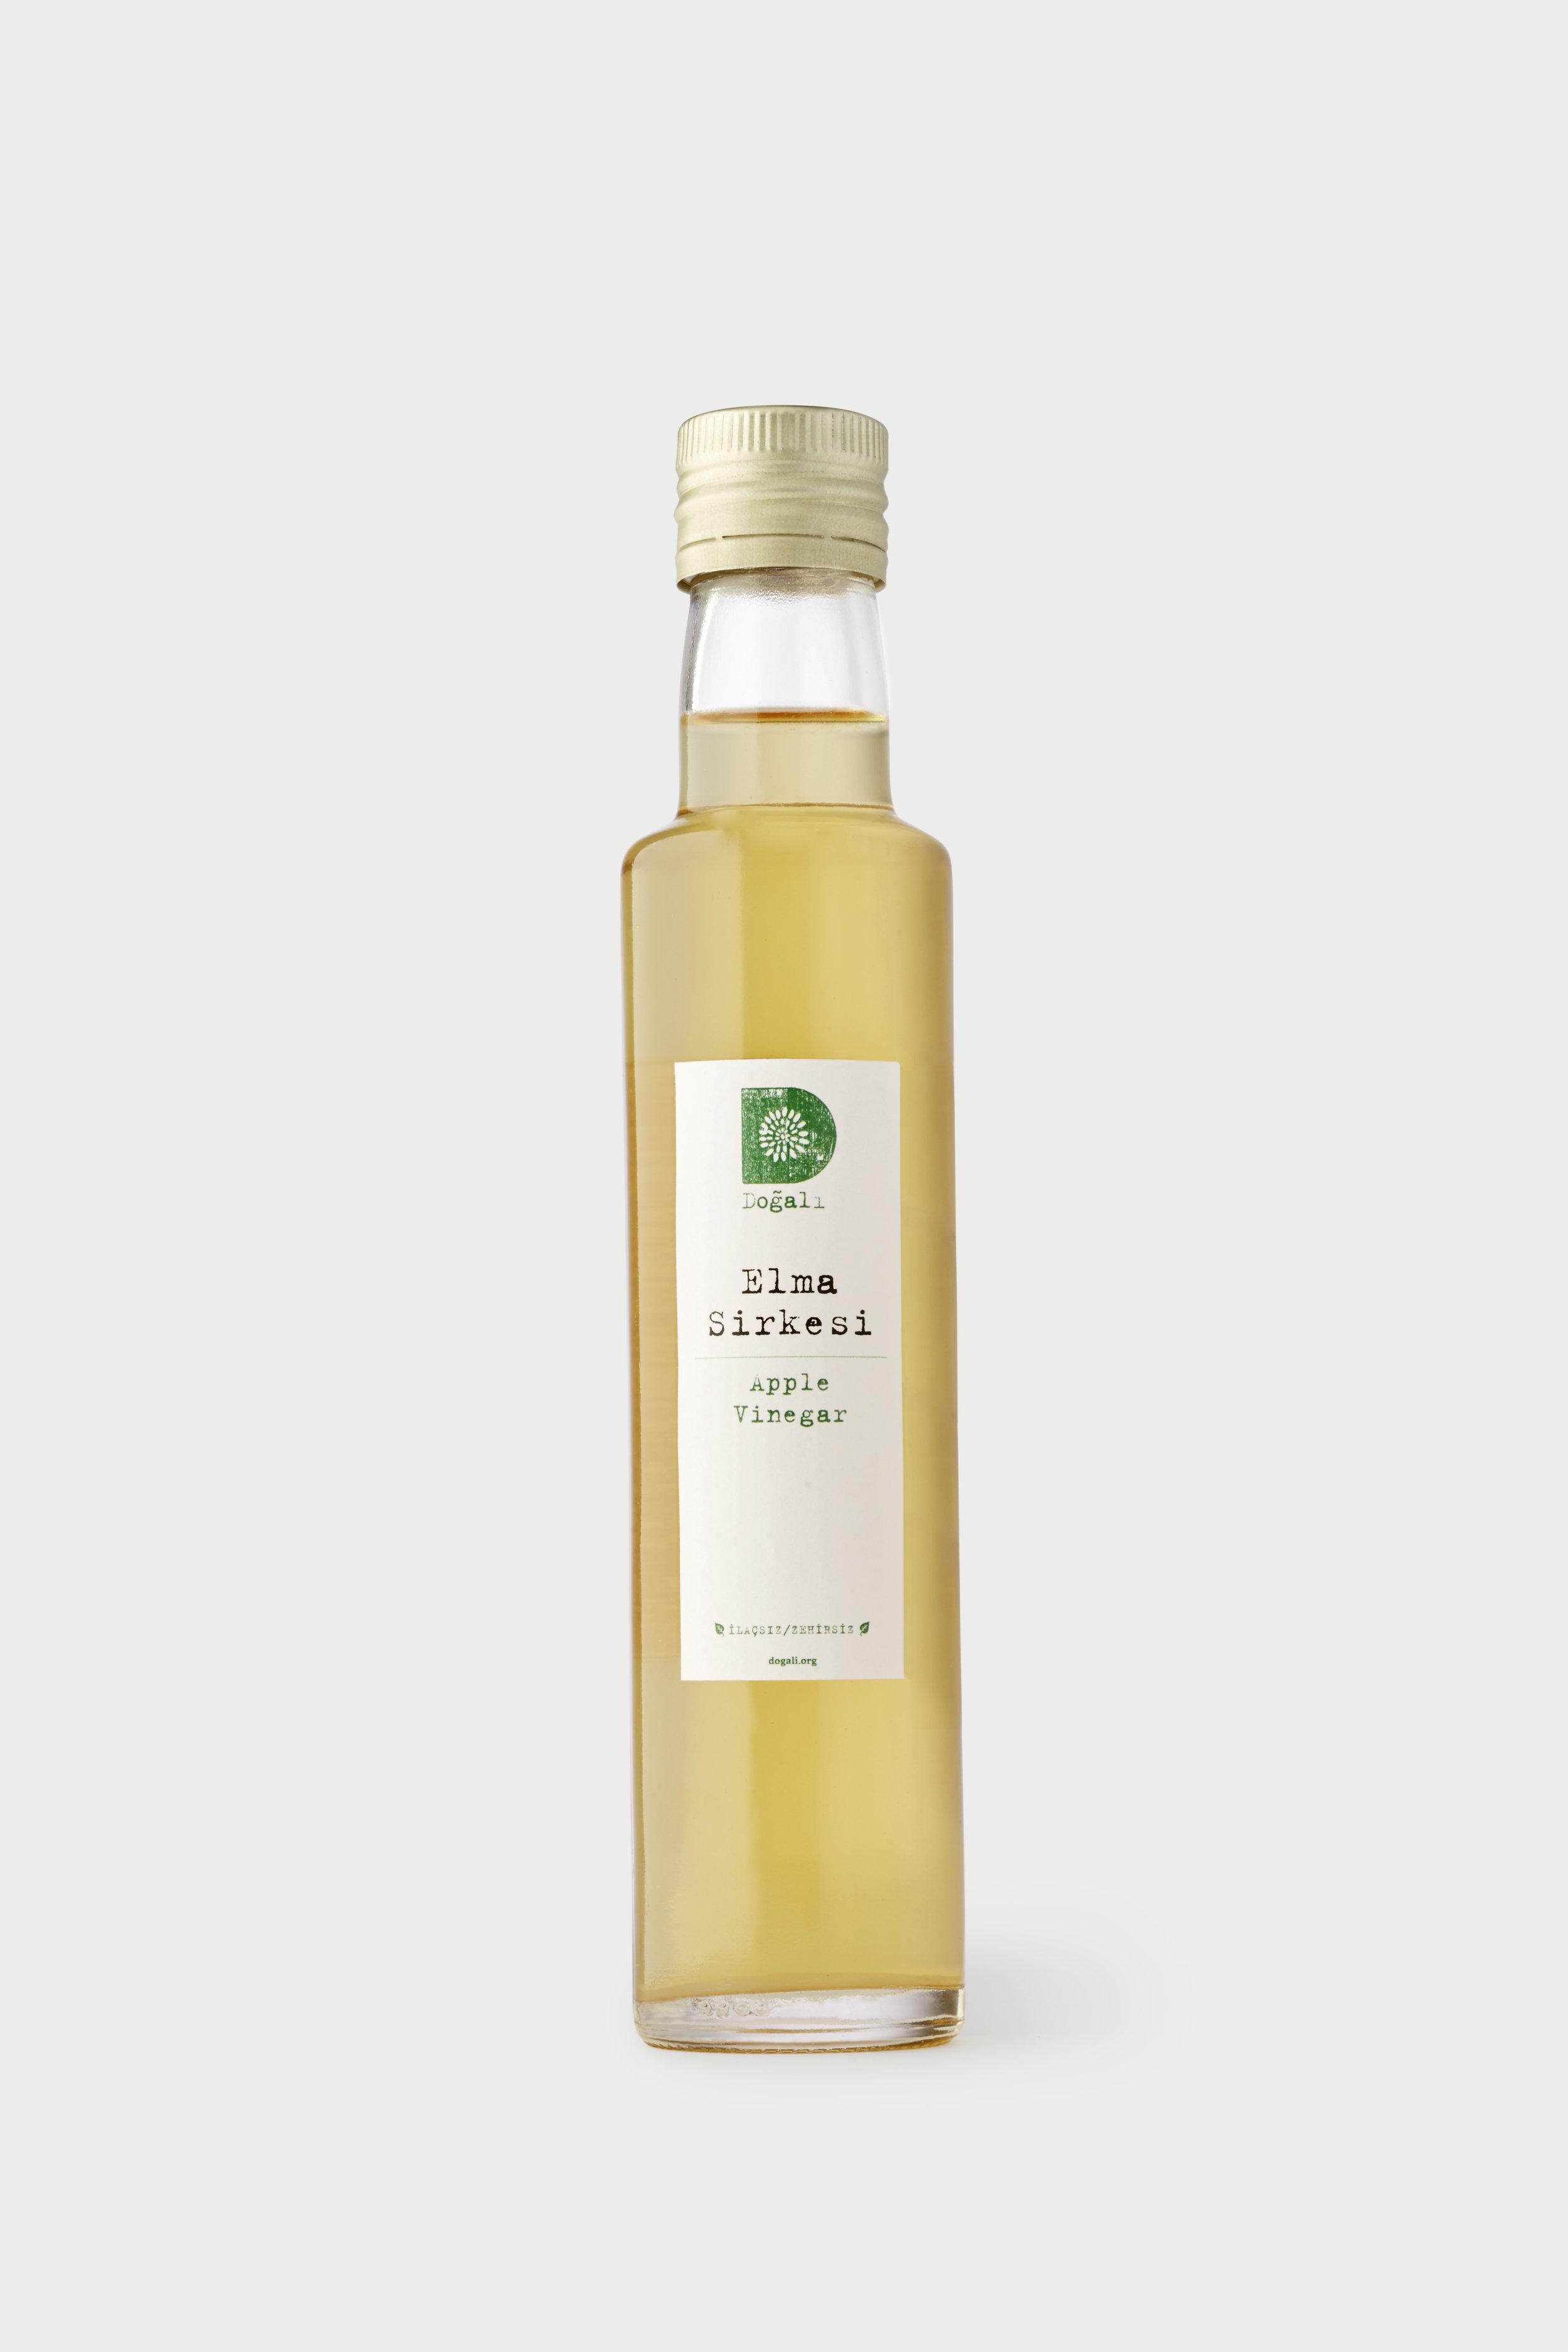 Apple cider vinegar #Oak blend -